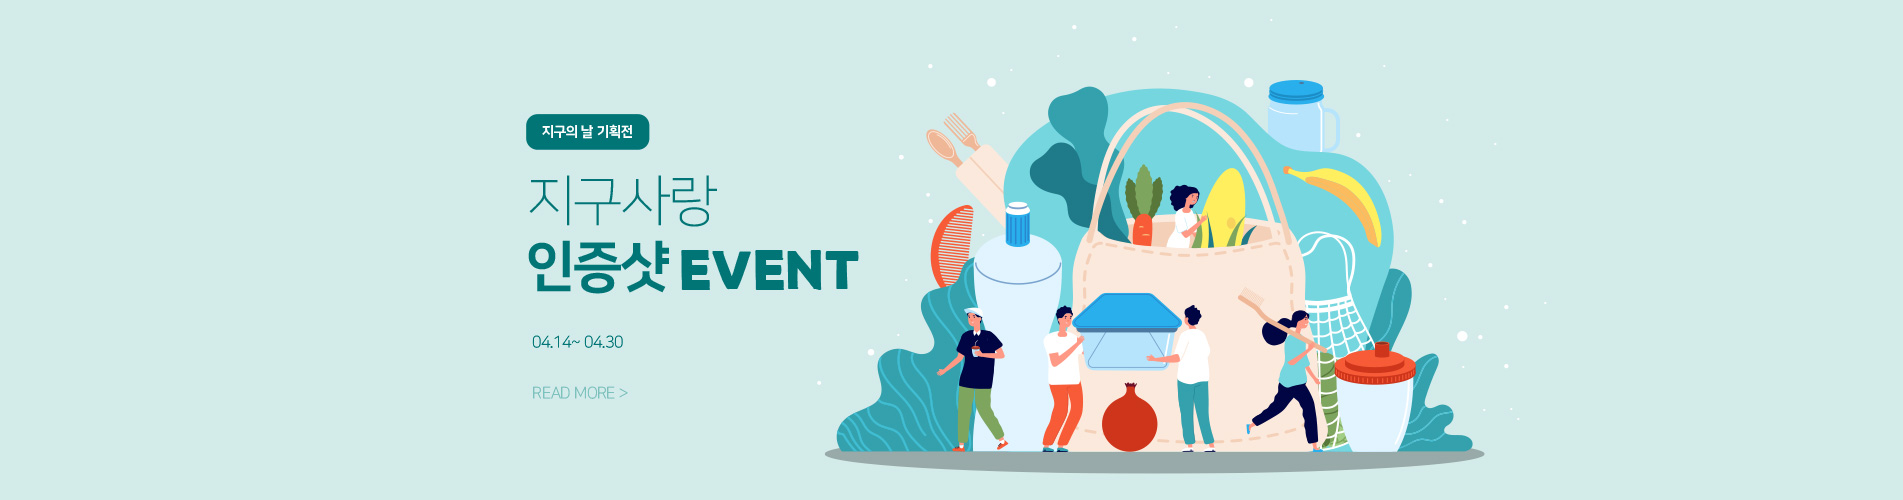 메인배너1-지구의날 지구사랑 실천 인증 EVENT